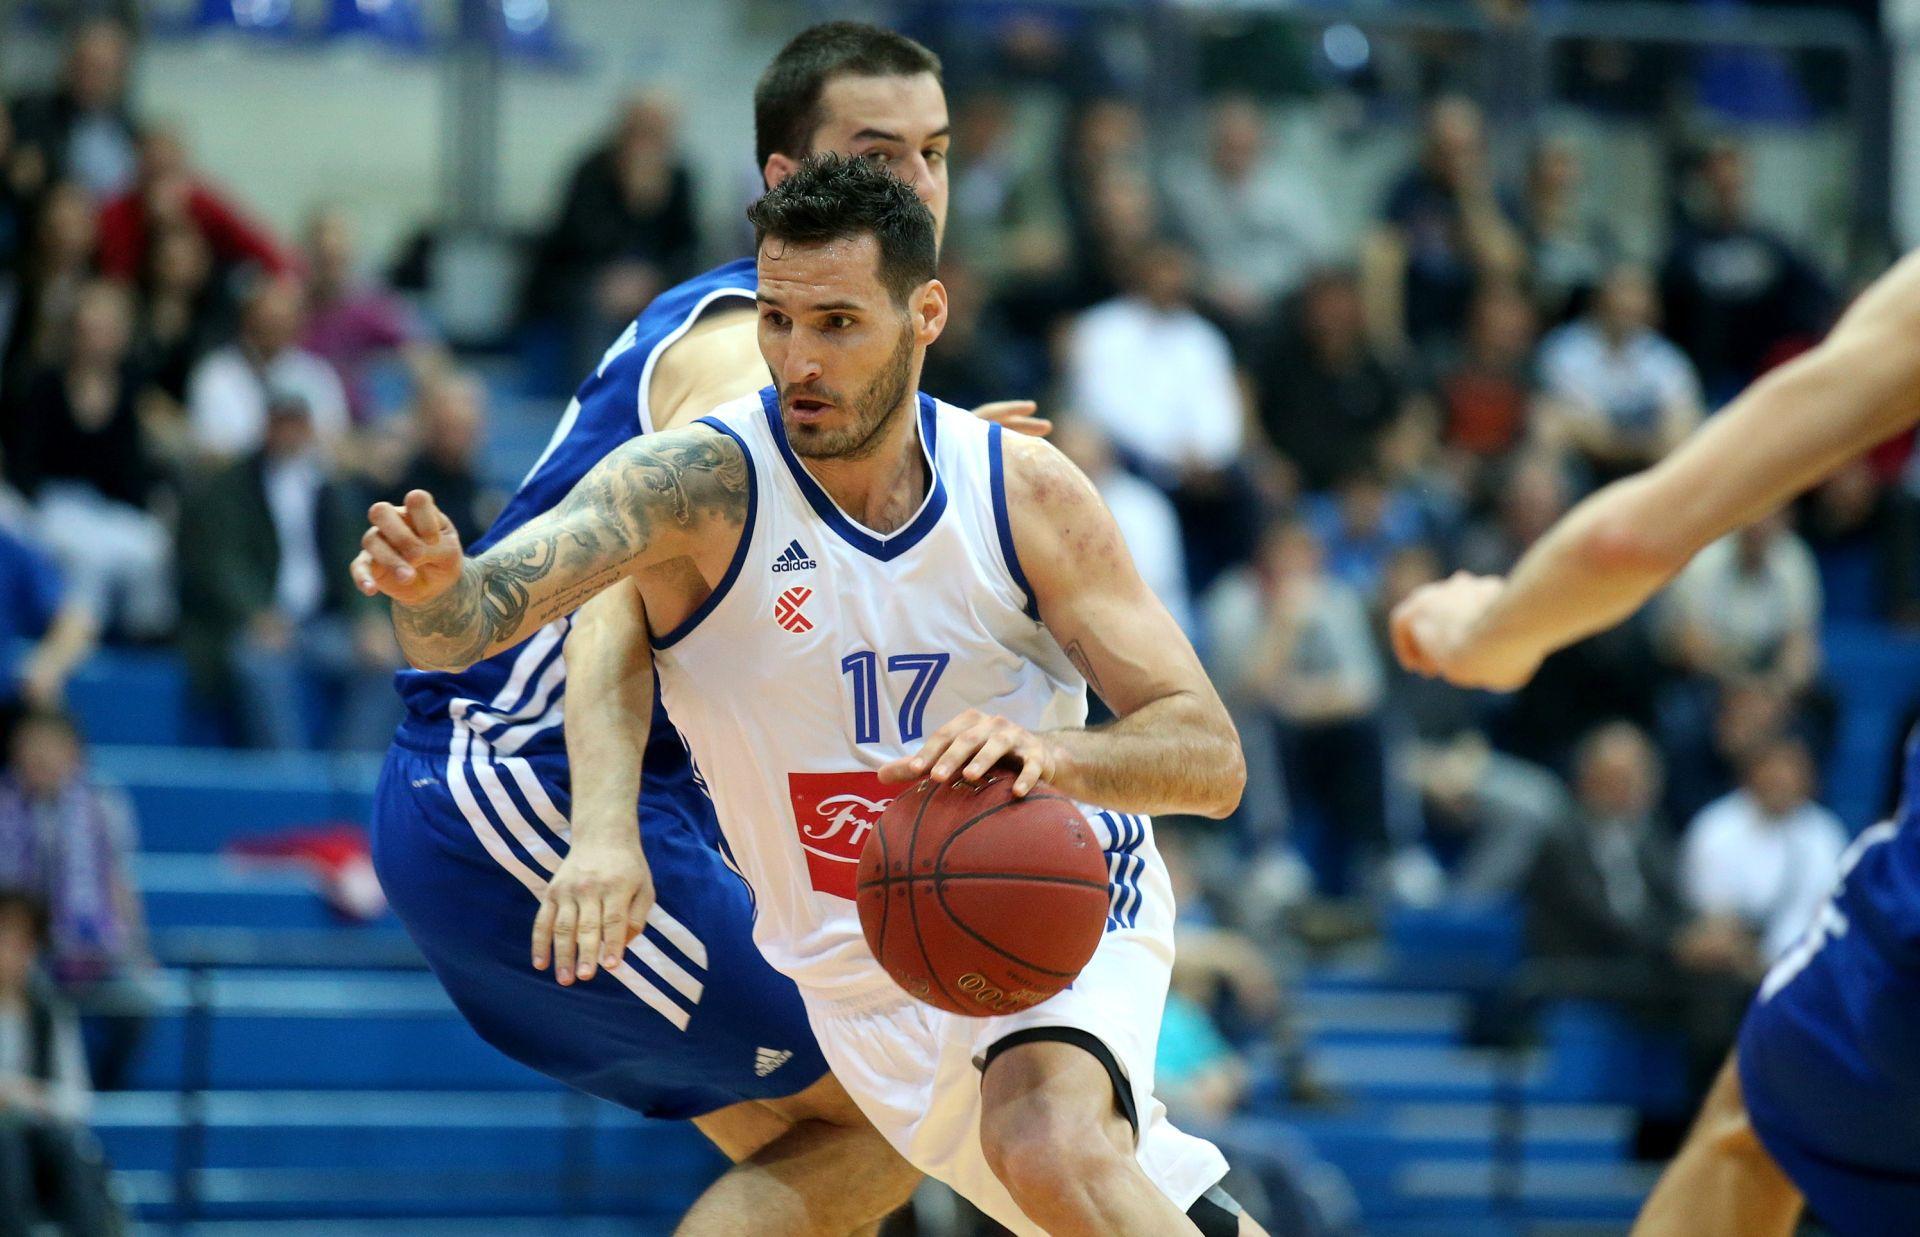 POBJEDA RIJEČANA: Kvarner 2010 iznenadio Zadar